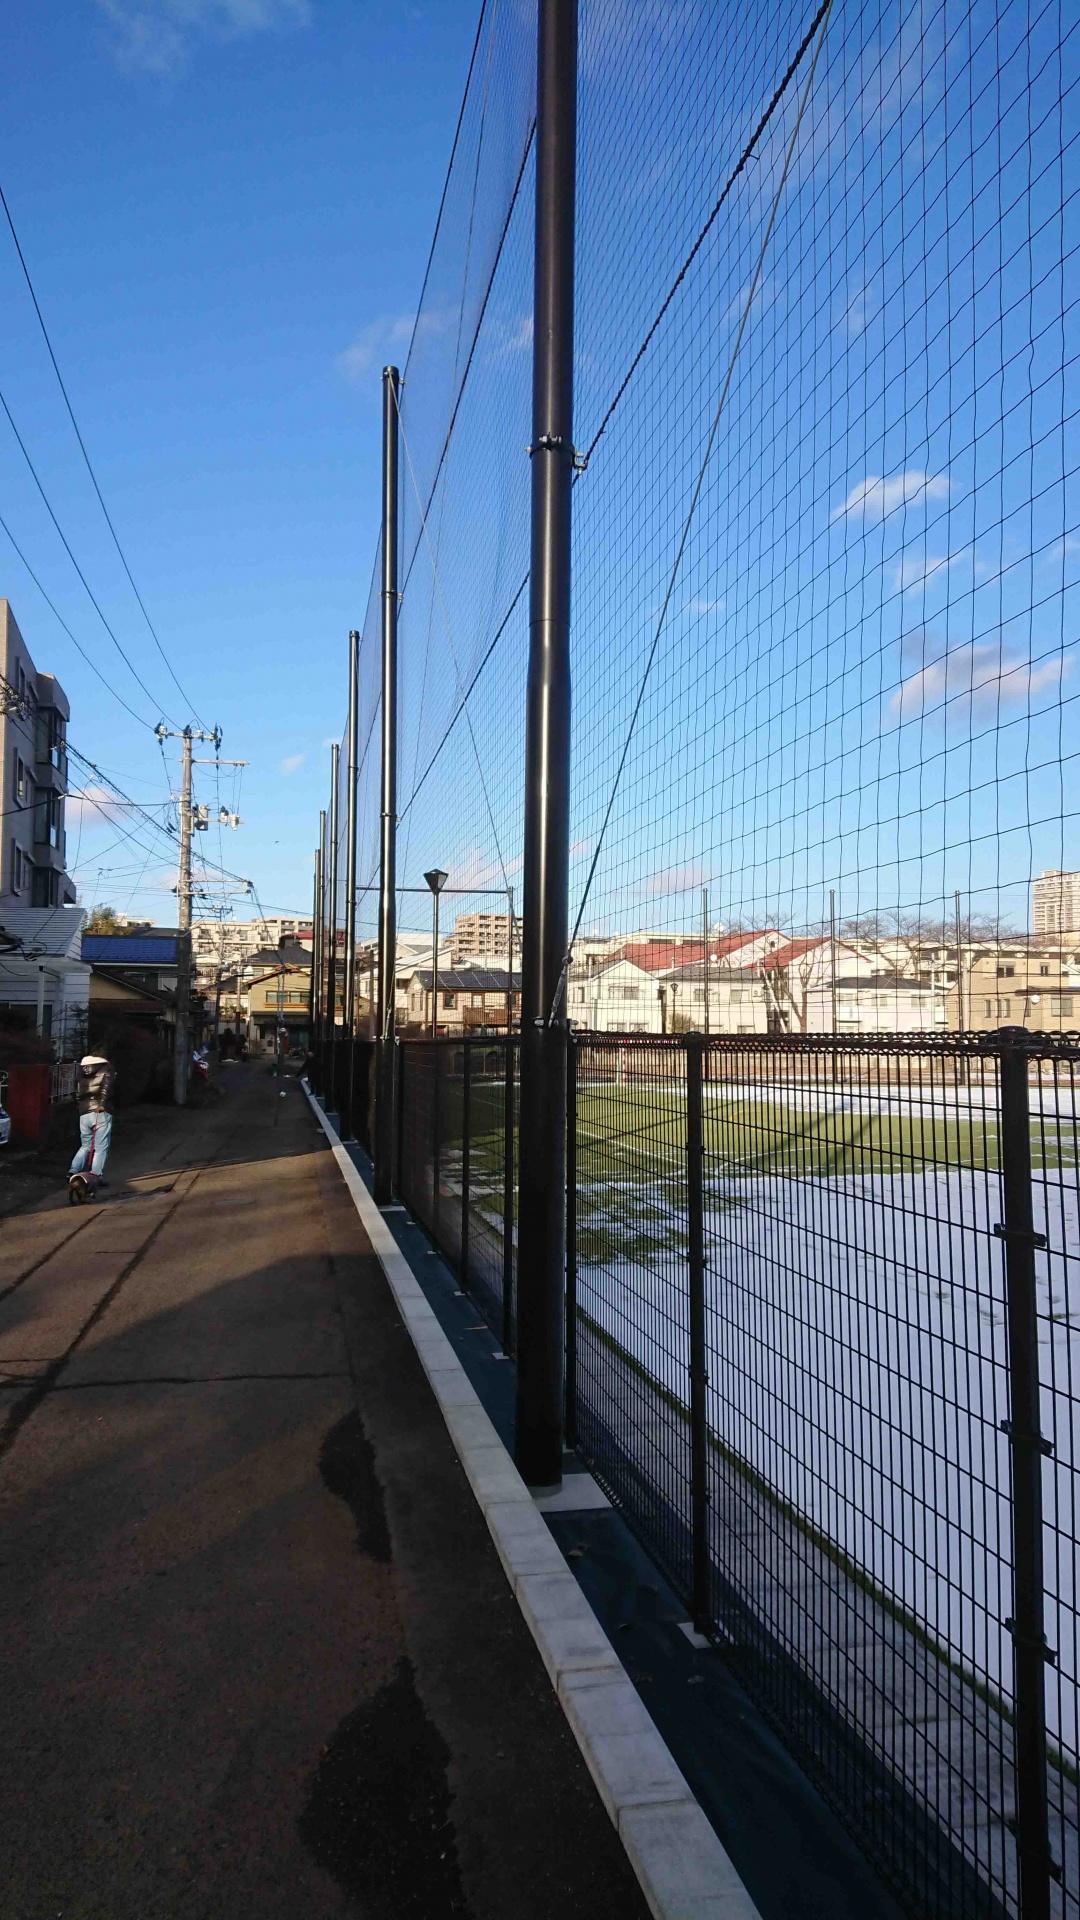 図5 グラウンド東西北面を取り囲む柵(高さ10m超)と照明搭(高さ5m超),2021/01/11撮影